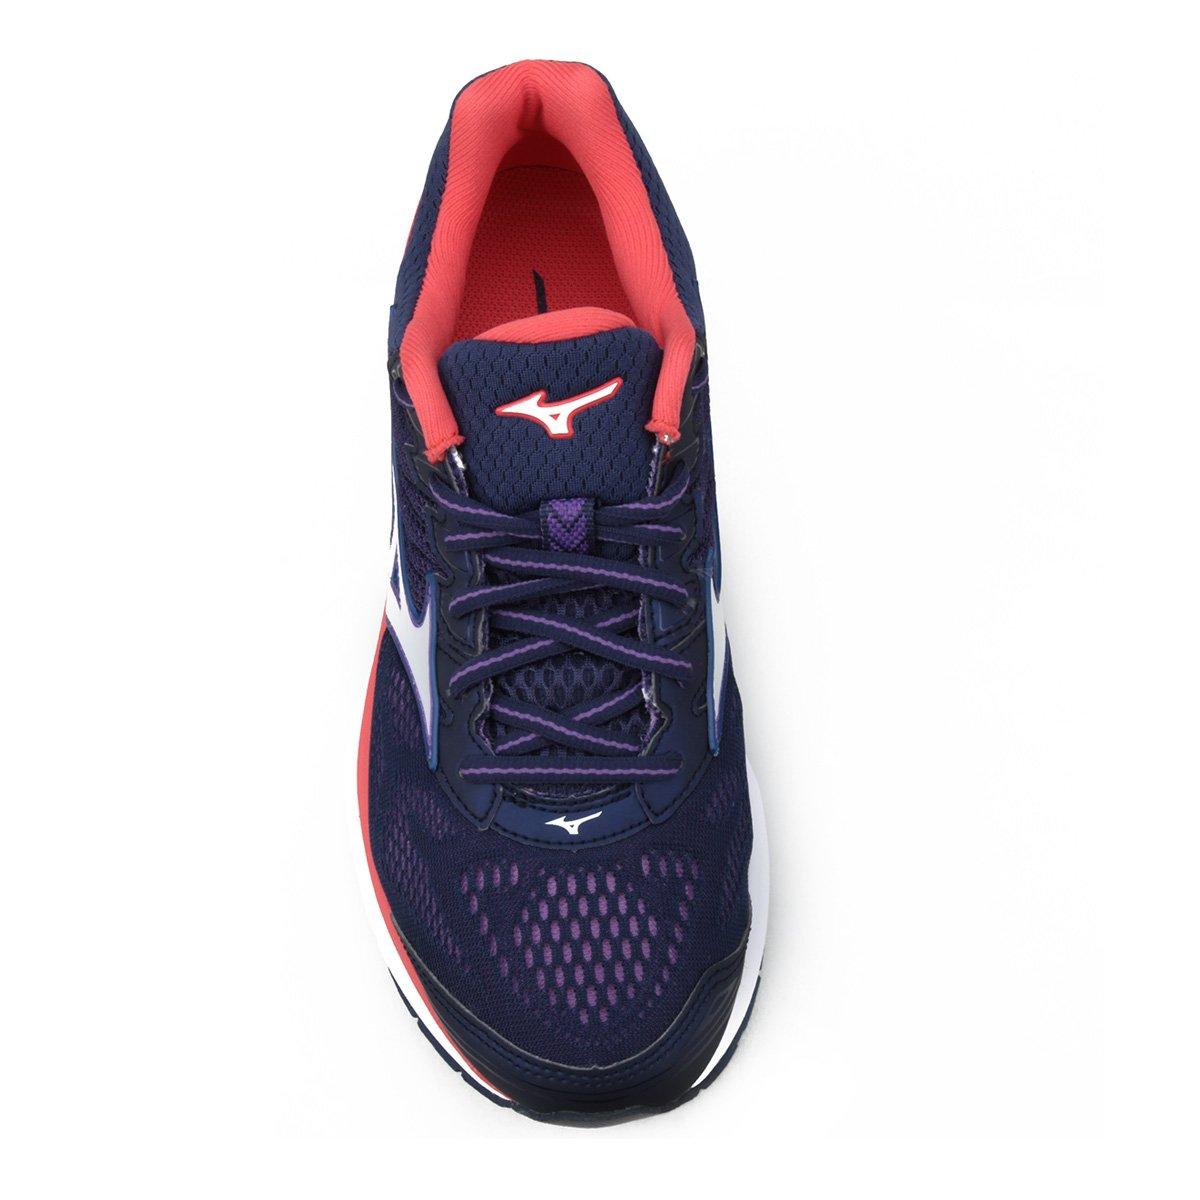 773278a38d ... Tênis Mizuno Wave Prorunner 21 Feminino - Azul e Rosa - Compre Agora .